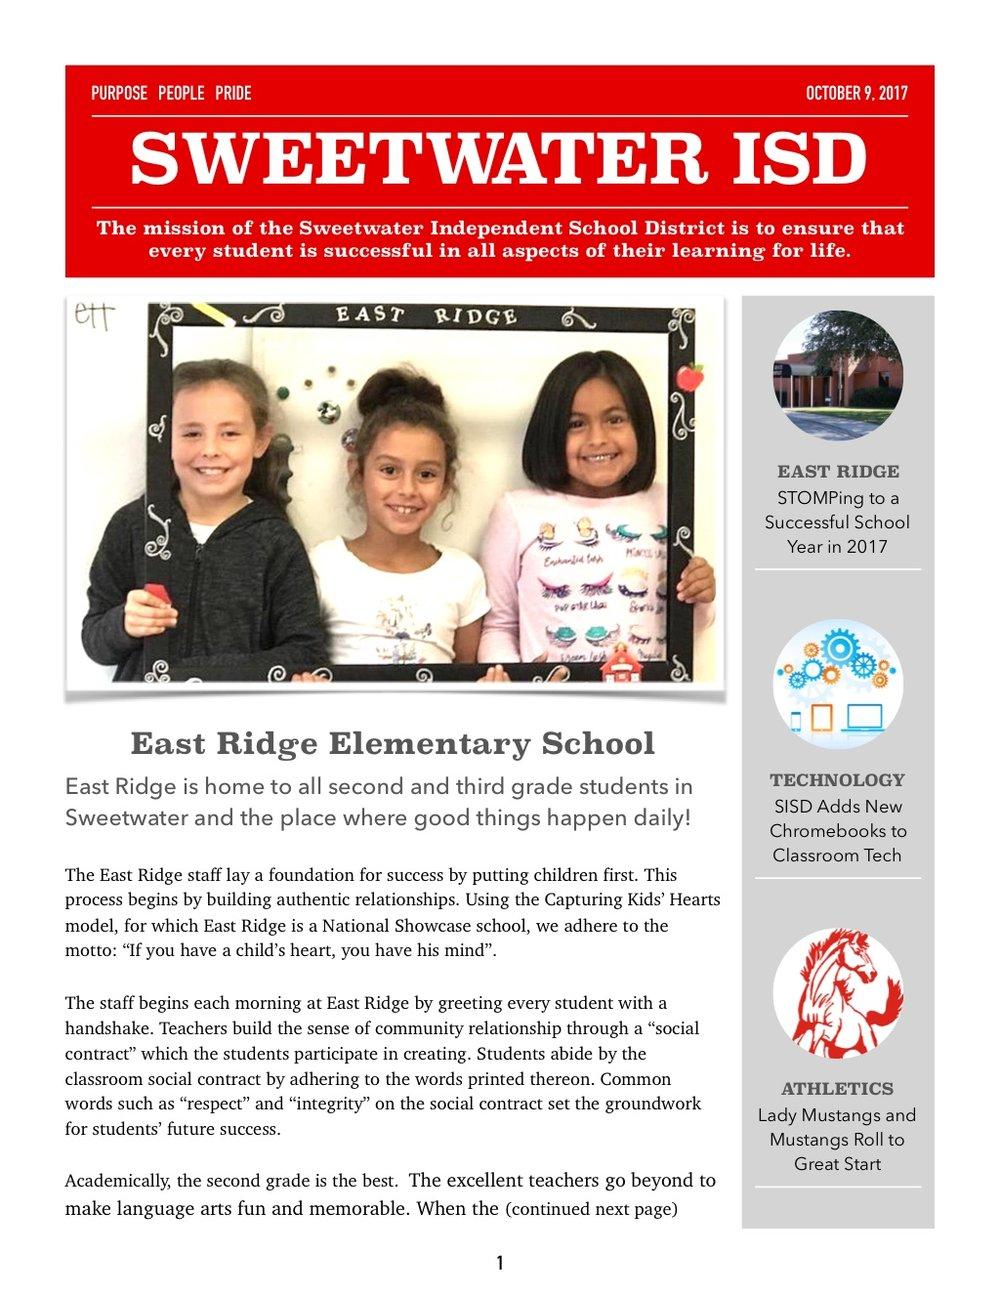 SISD Newsletter October 2017-1.jpg